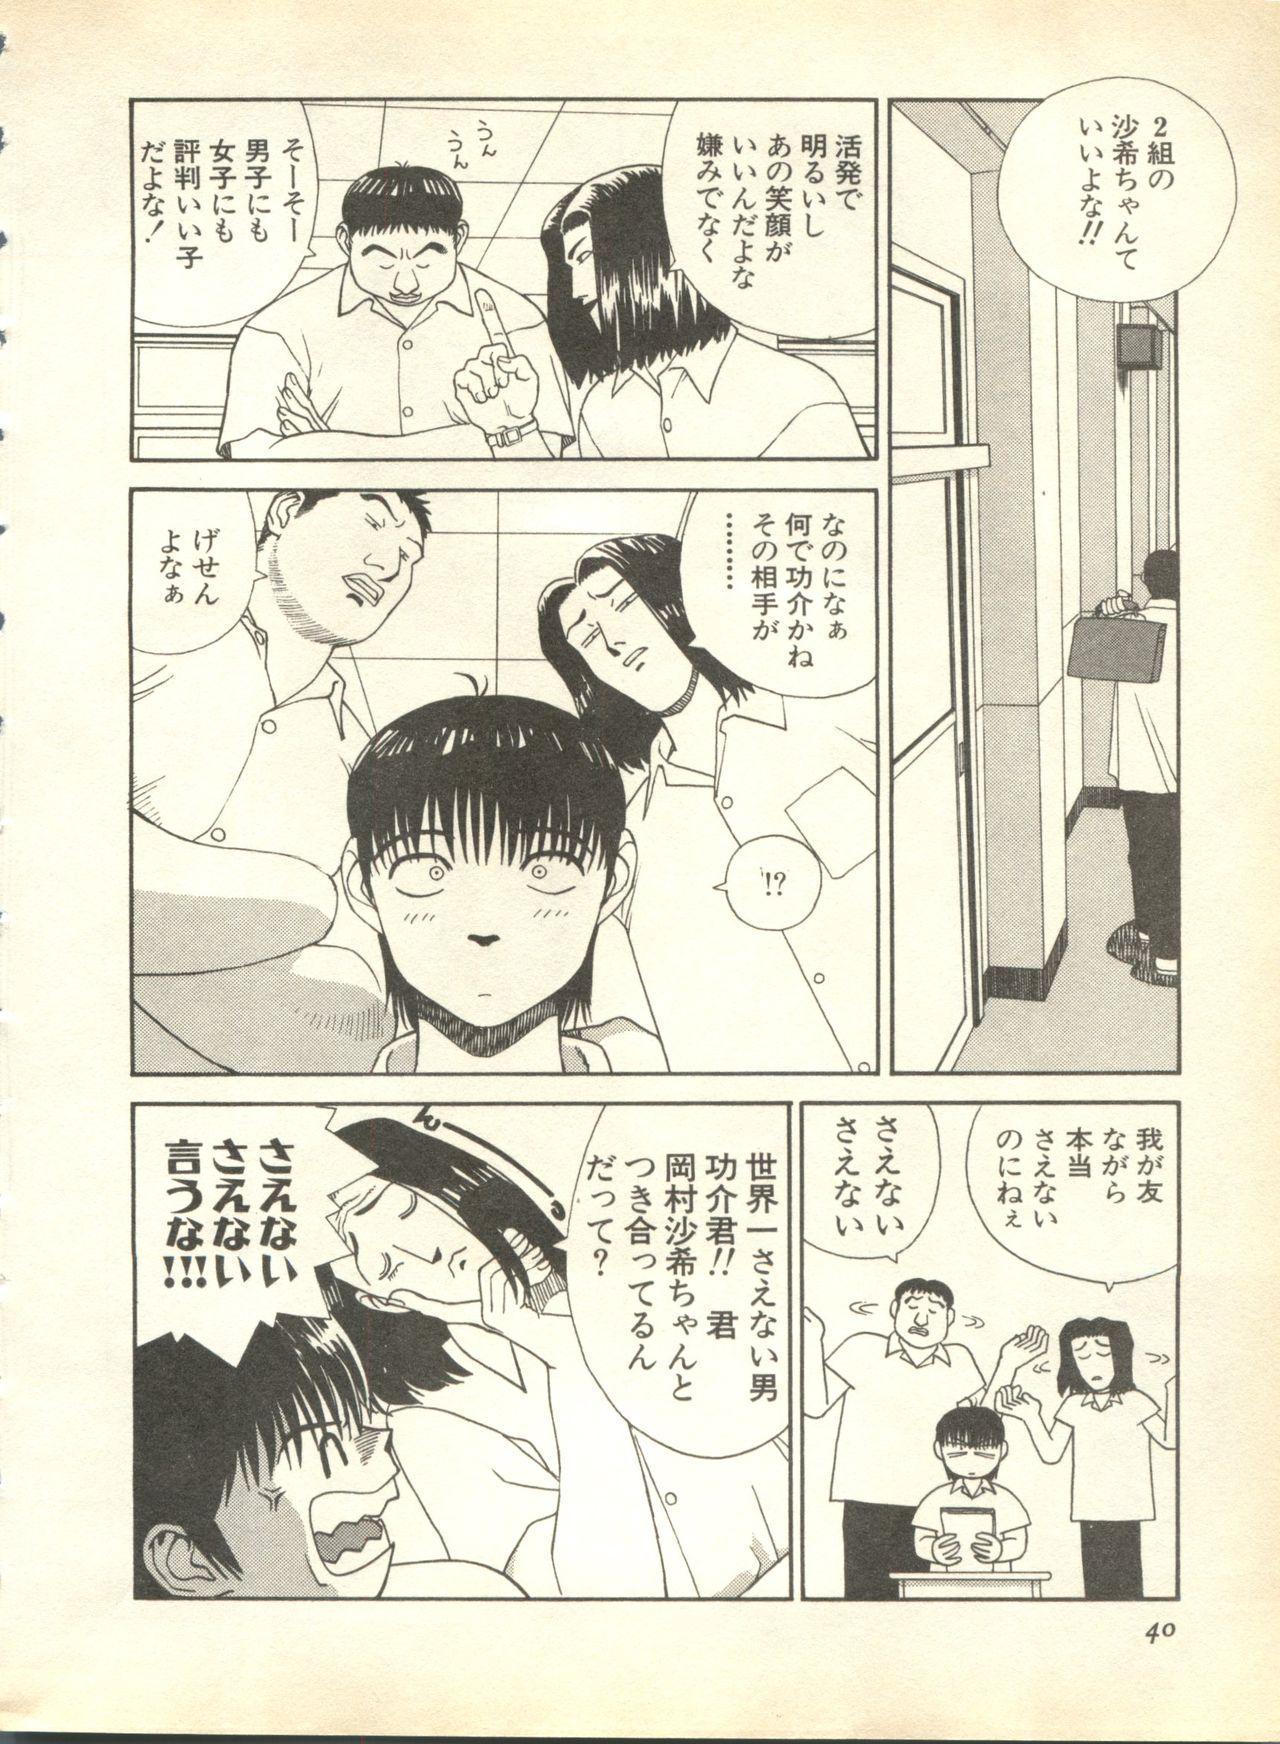 Pai;kuu 1998 October Vol. 13 39